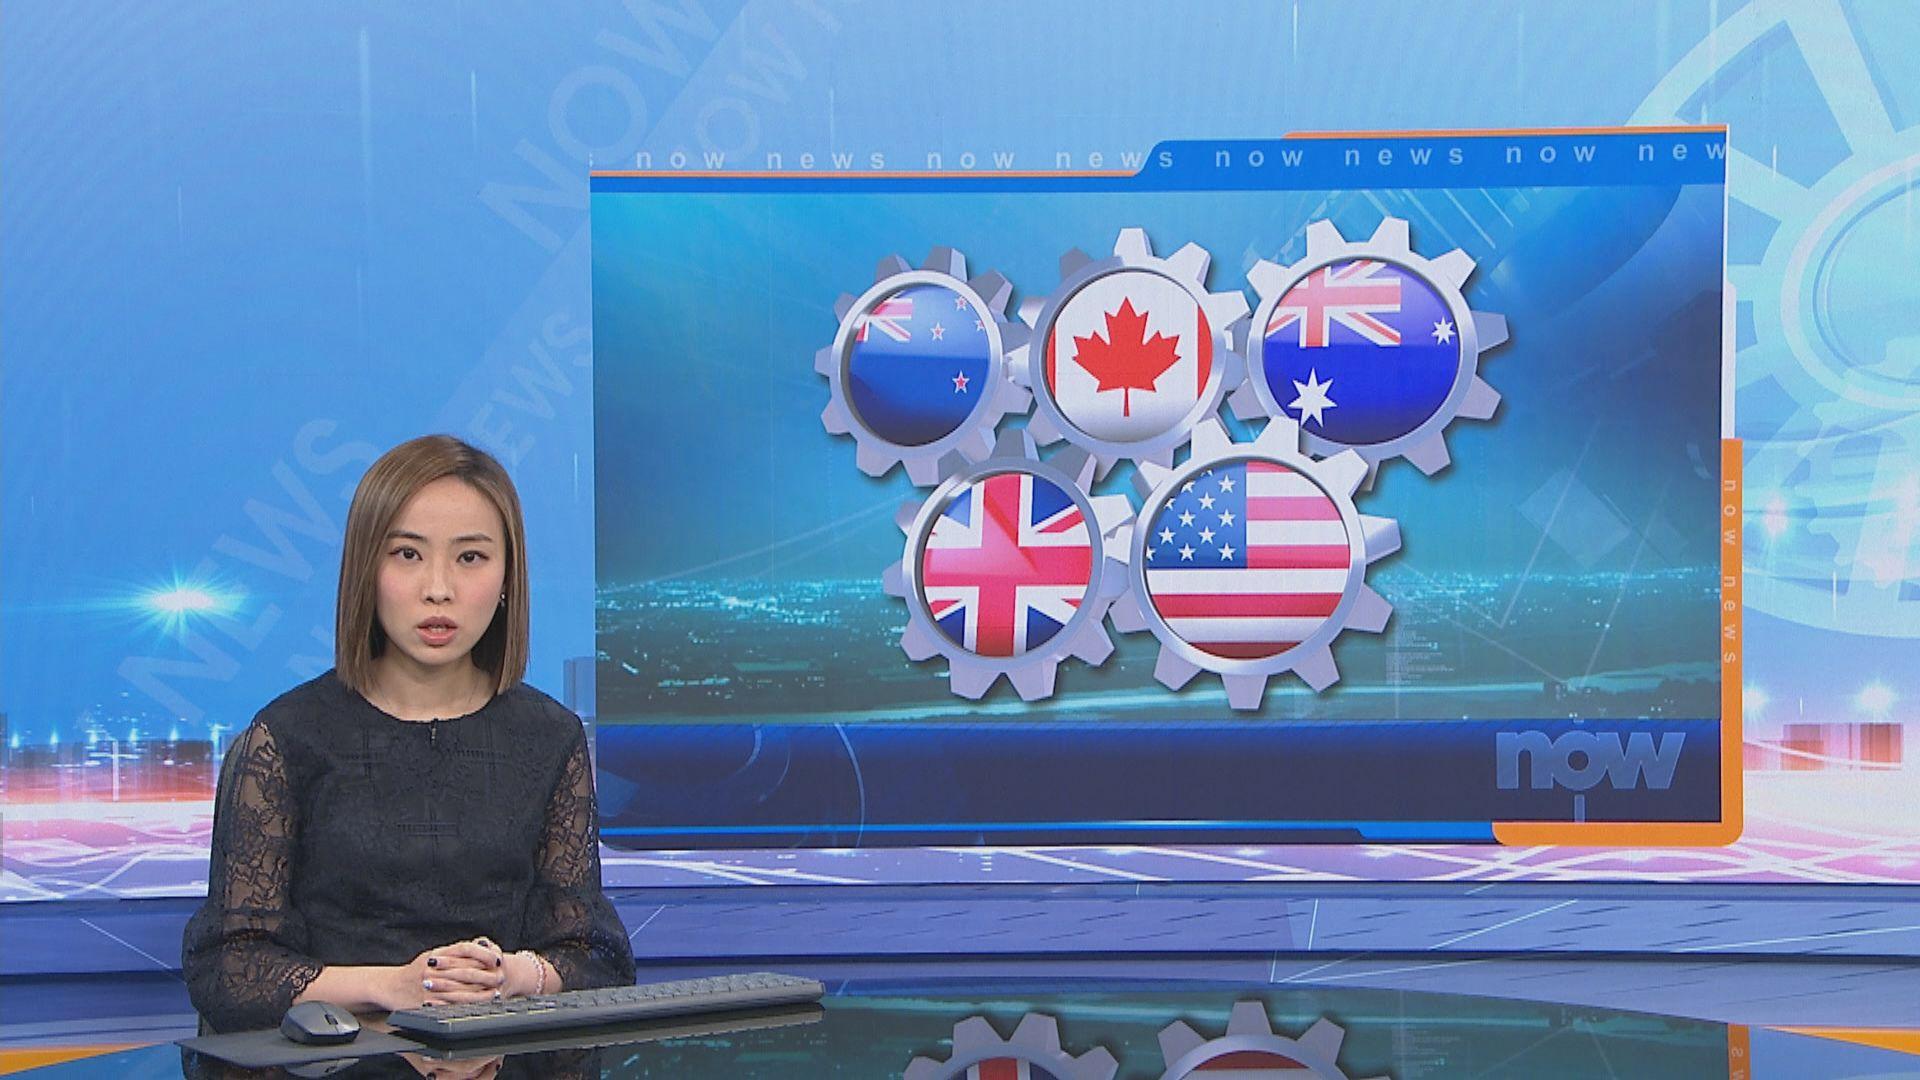 華春瑩:美國及五眼聯盟進行協調 嘴臉讓人想起「八國聯軍」